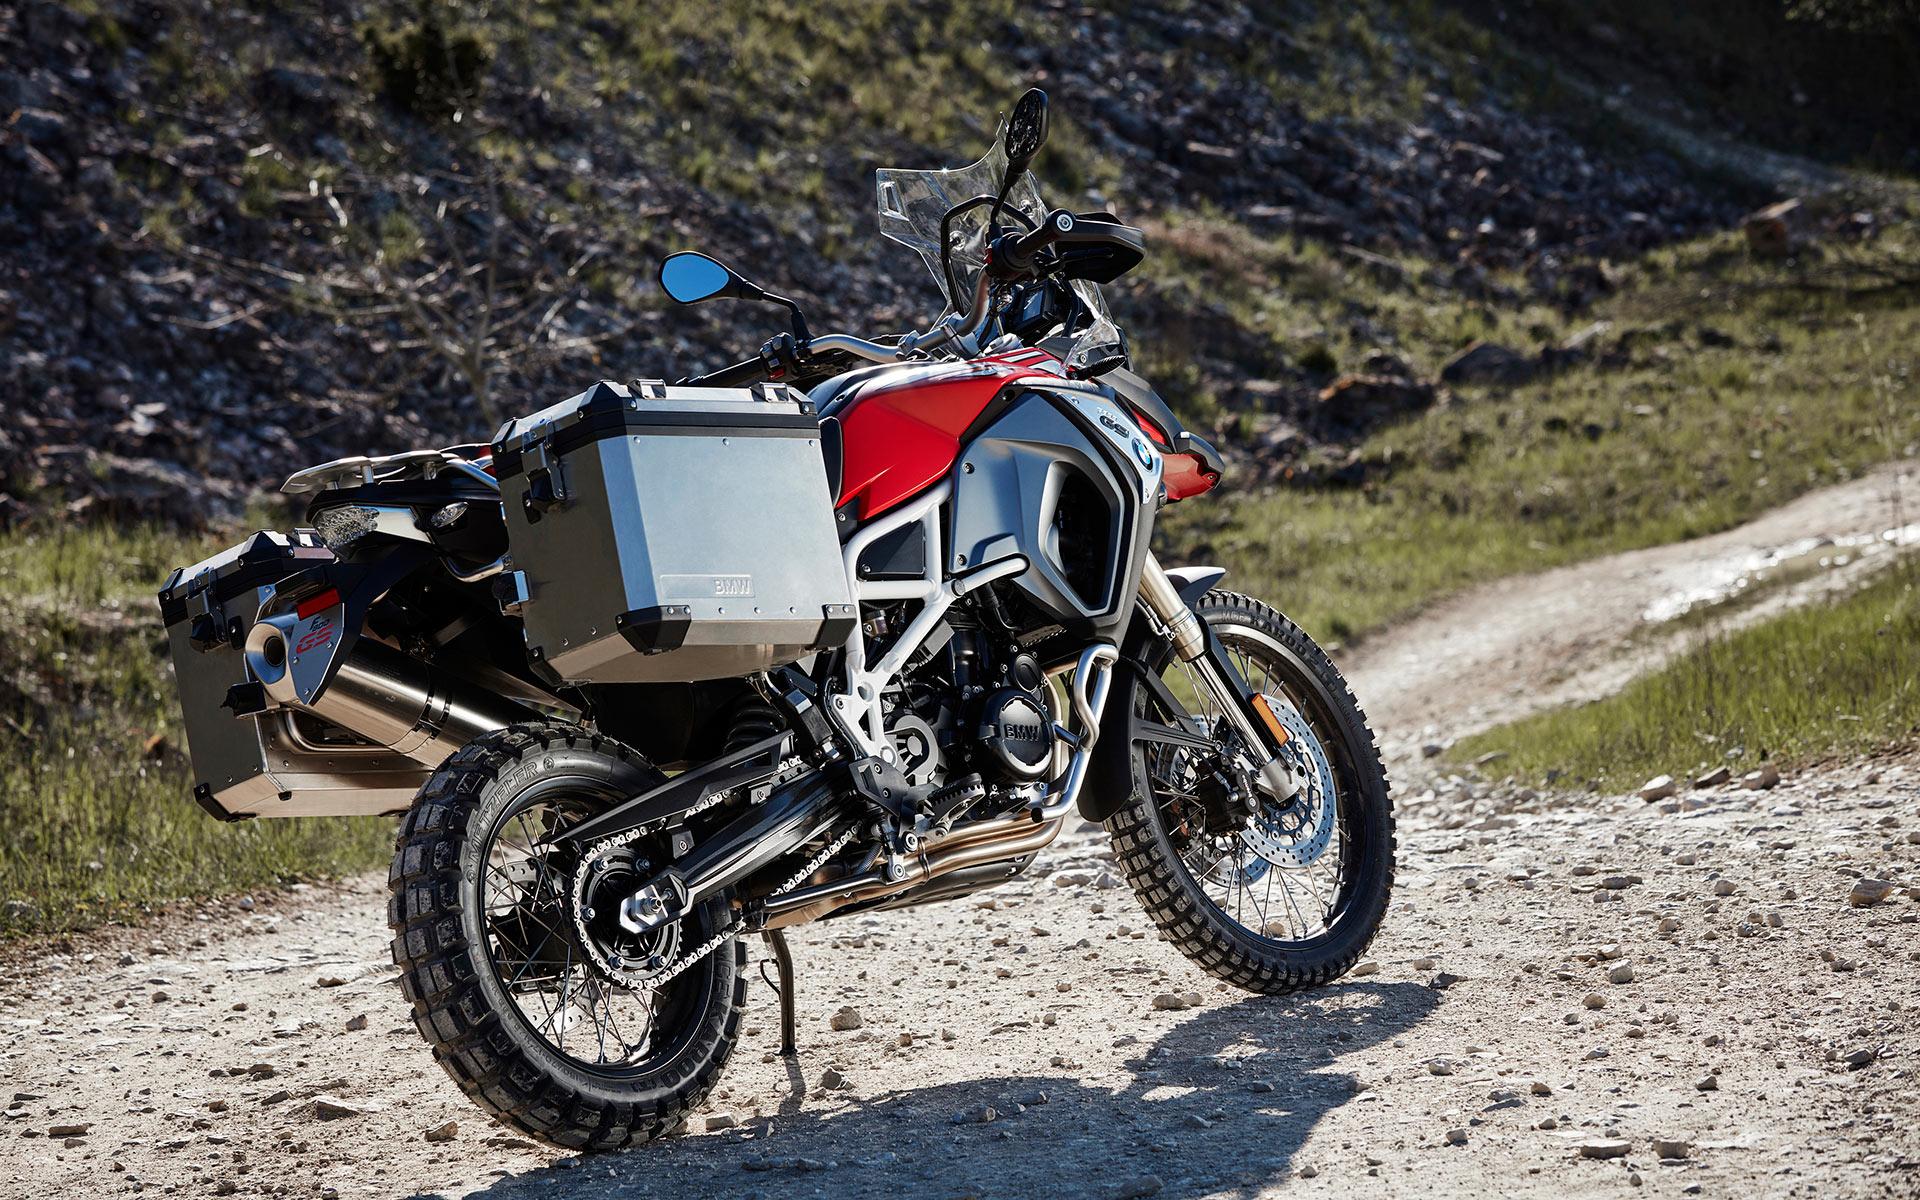 Egy 500 napos motortura 750 - T K Letes Mindenes Bmw F 800 Gs 2016 Teszt